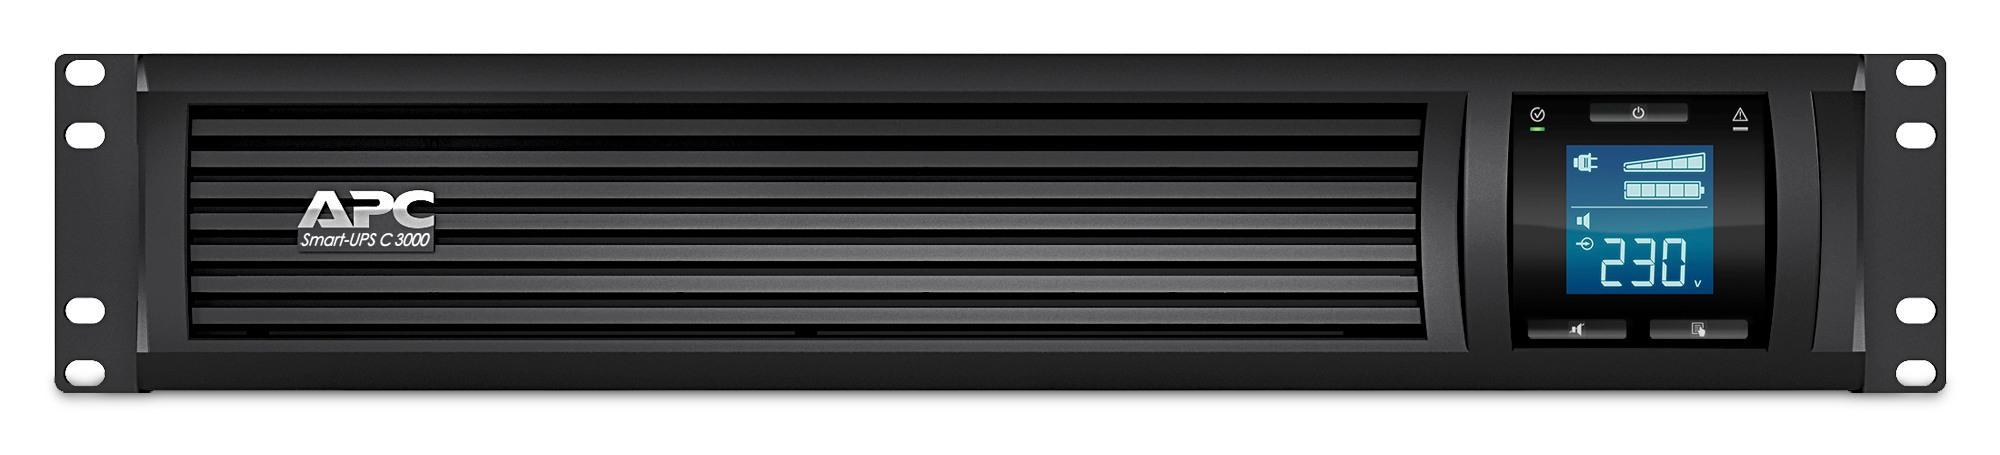 Bảng giá Bộ lưu điện: Smart-UPS C 3000VA Rack mount LCD 230V - SMC3000RMI2U Phong Vũ